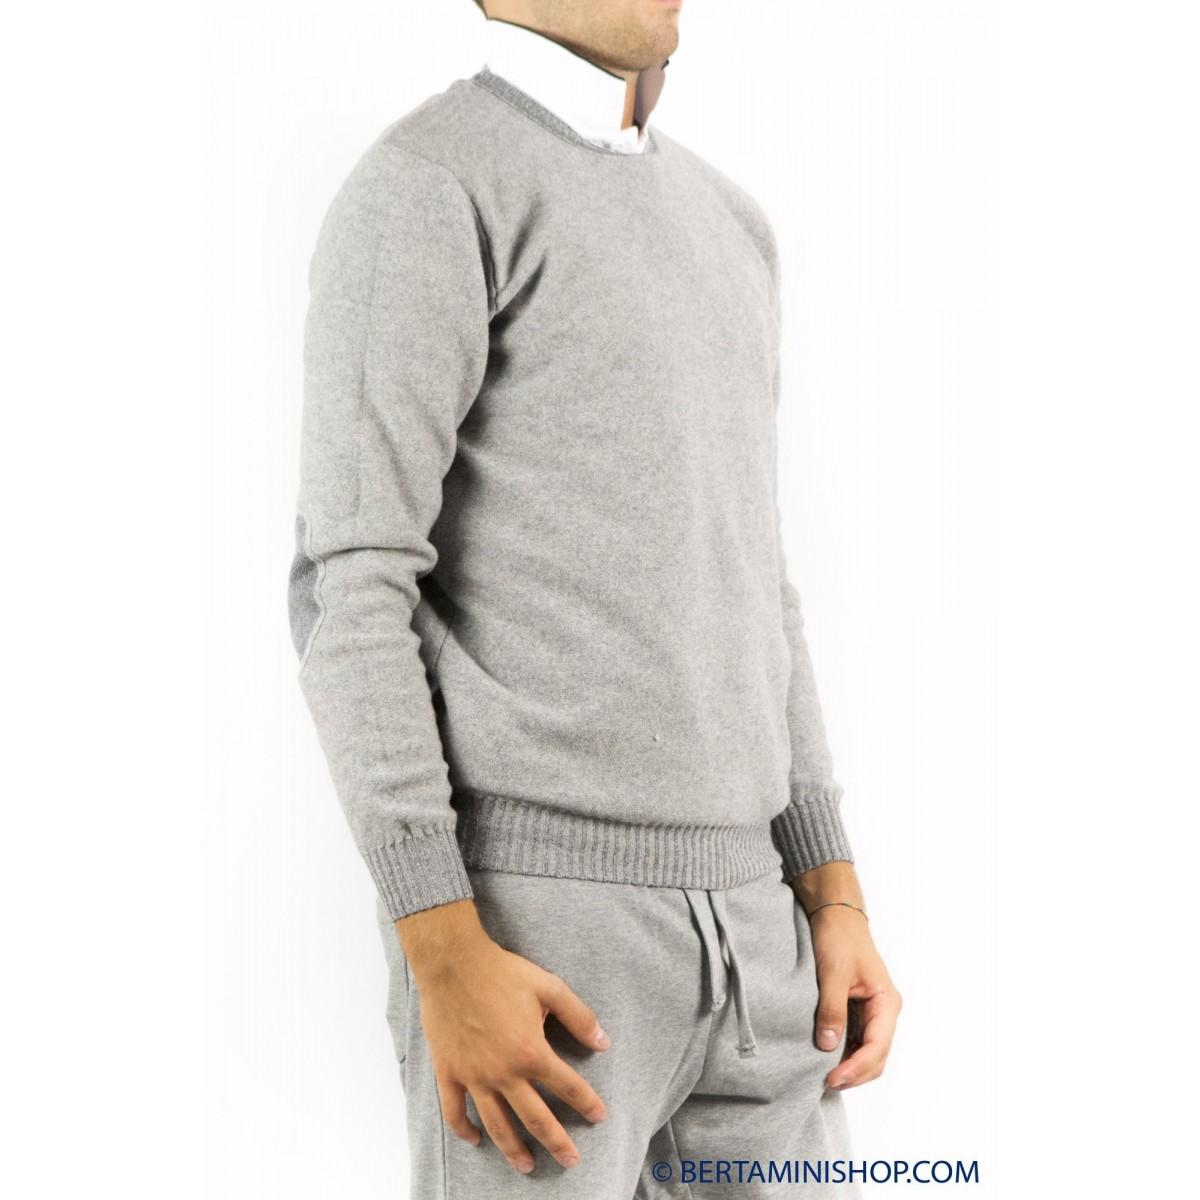 Pullover Jurta Herren - A103 306-115 Grigio antracite